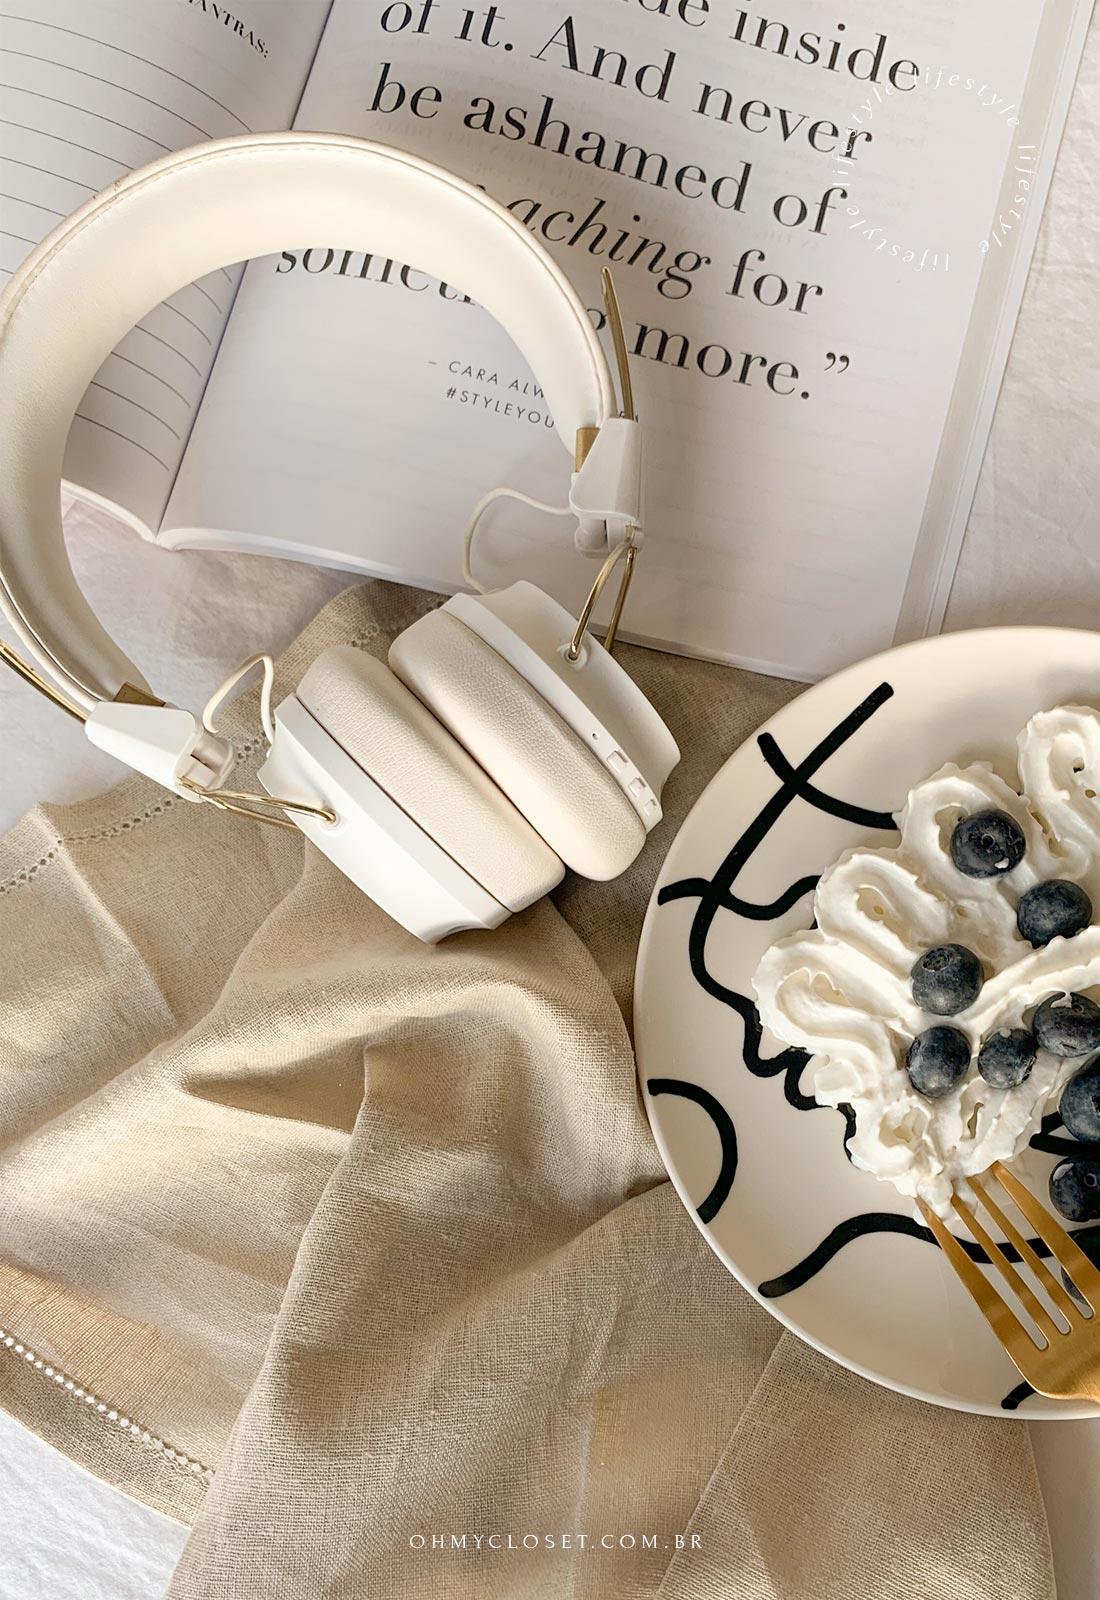 Flatlay, prato com blueberry e chantily, fone de ouvido e livro aberto.